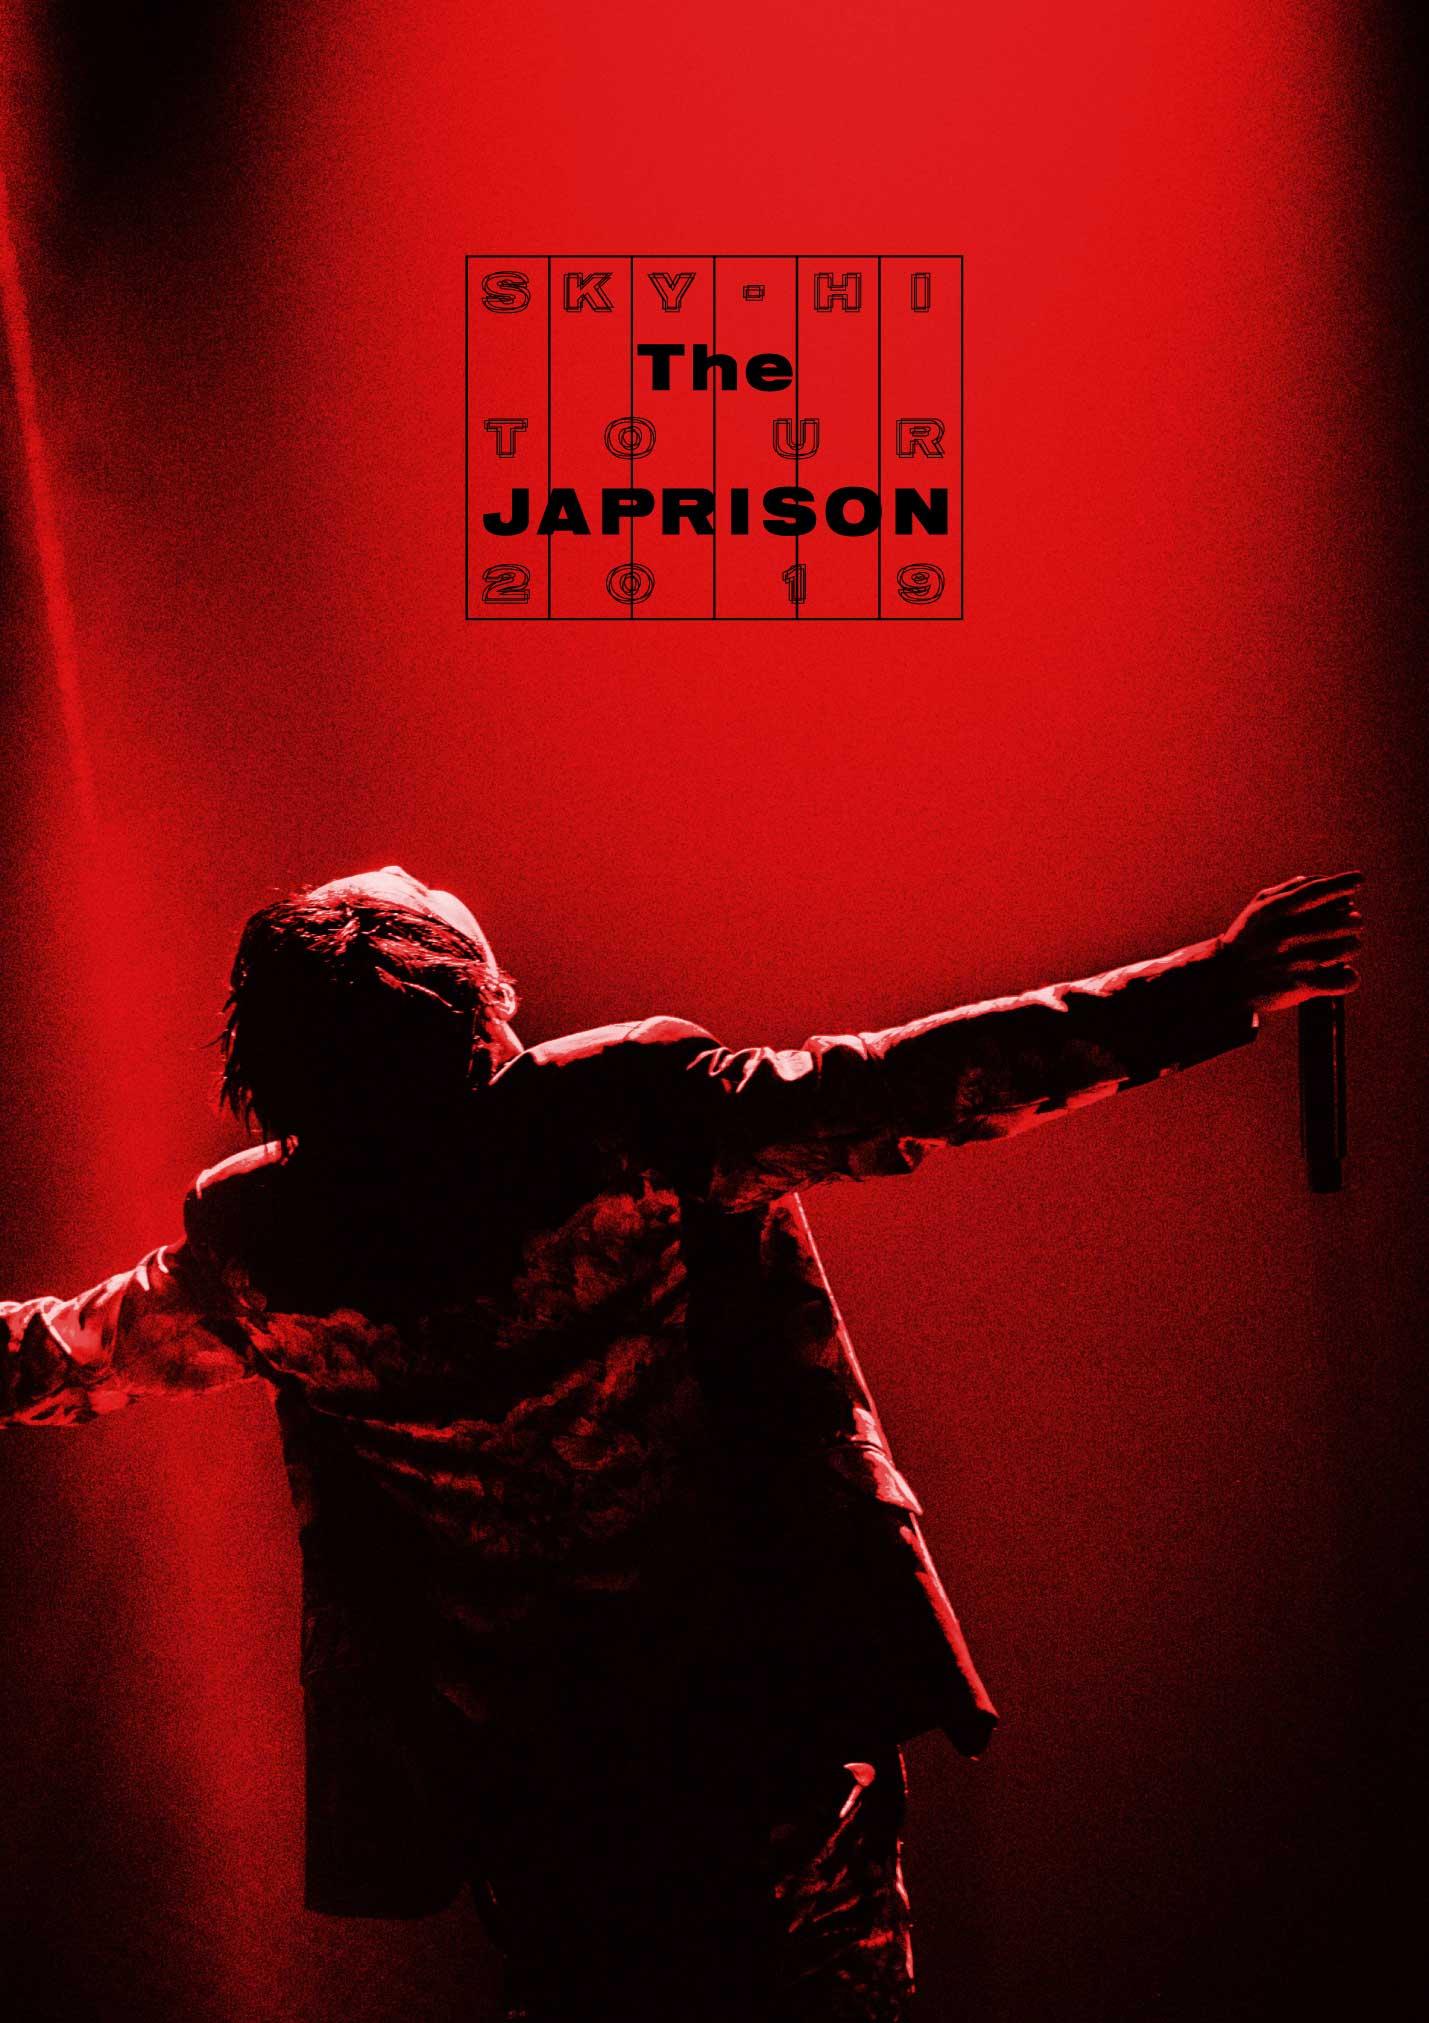 「SKY-HI TOUR 2019 -The JAPRISON-」